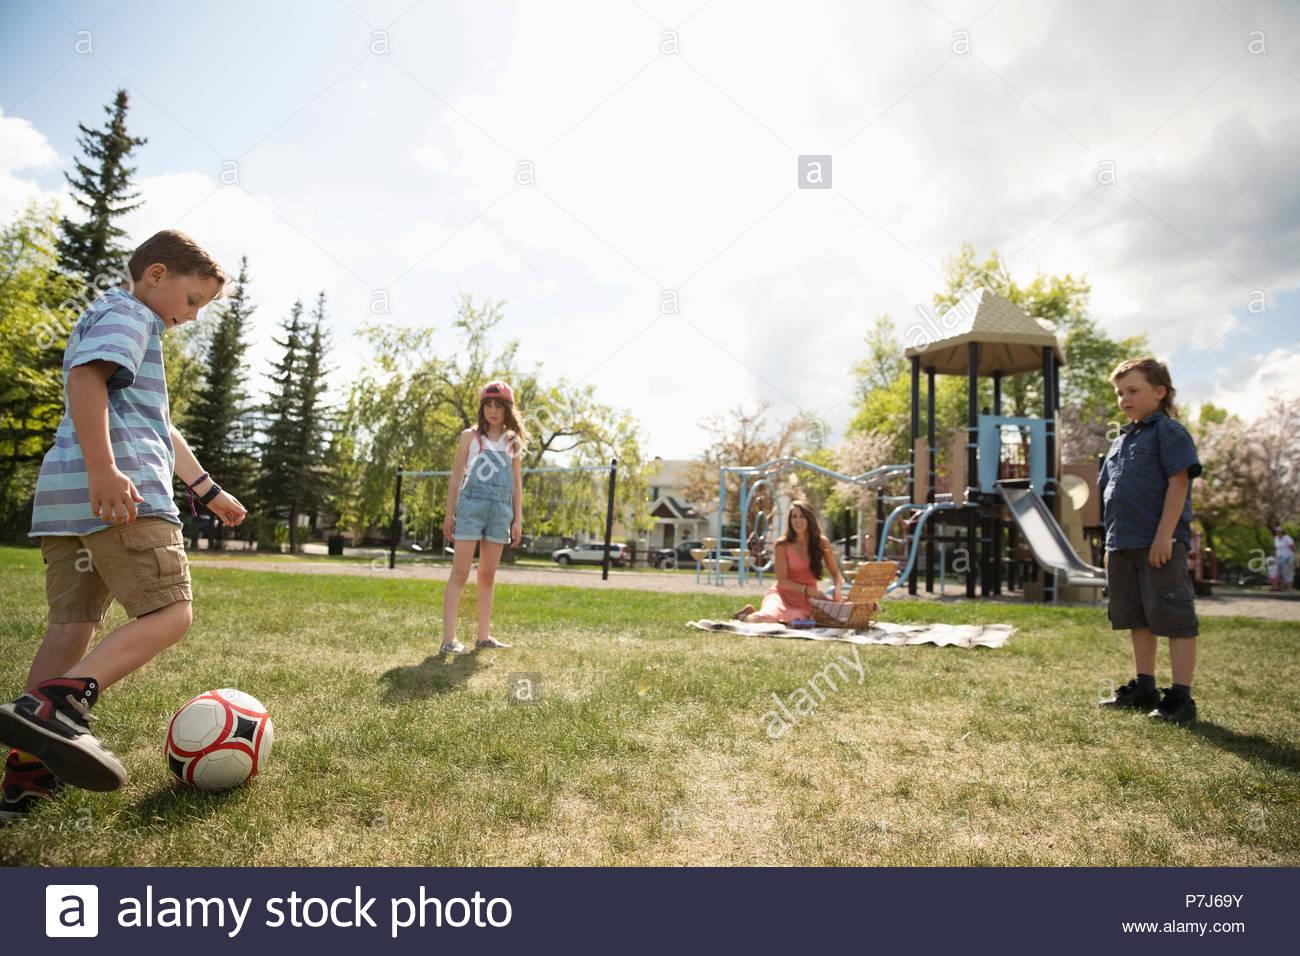 Madre en manta para picnic viendo niños jugando al fútbol en el parque soleado Imagen De Stock